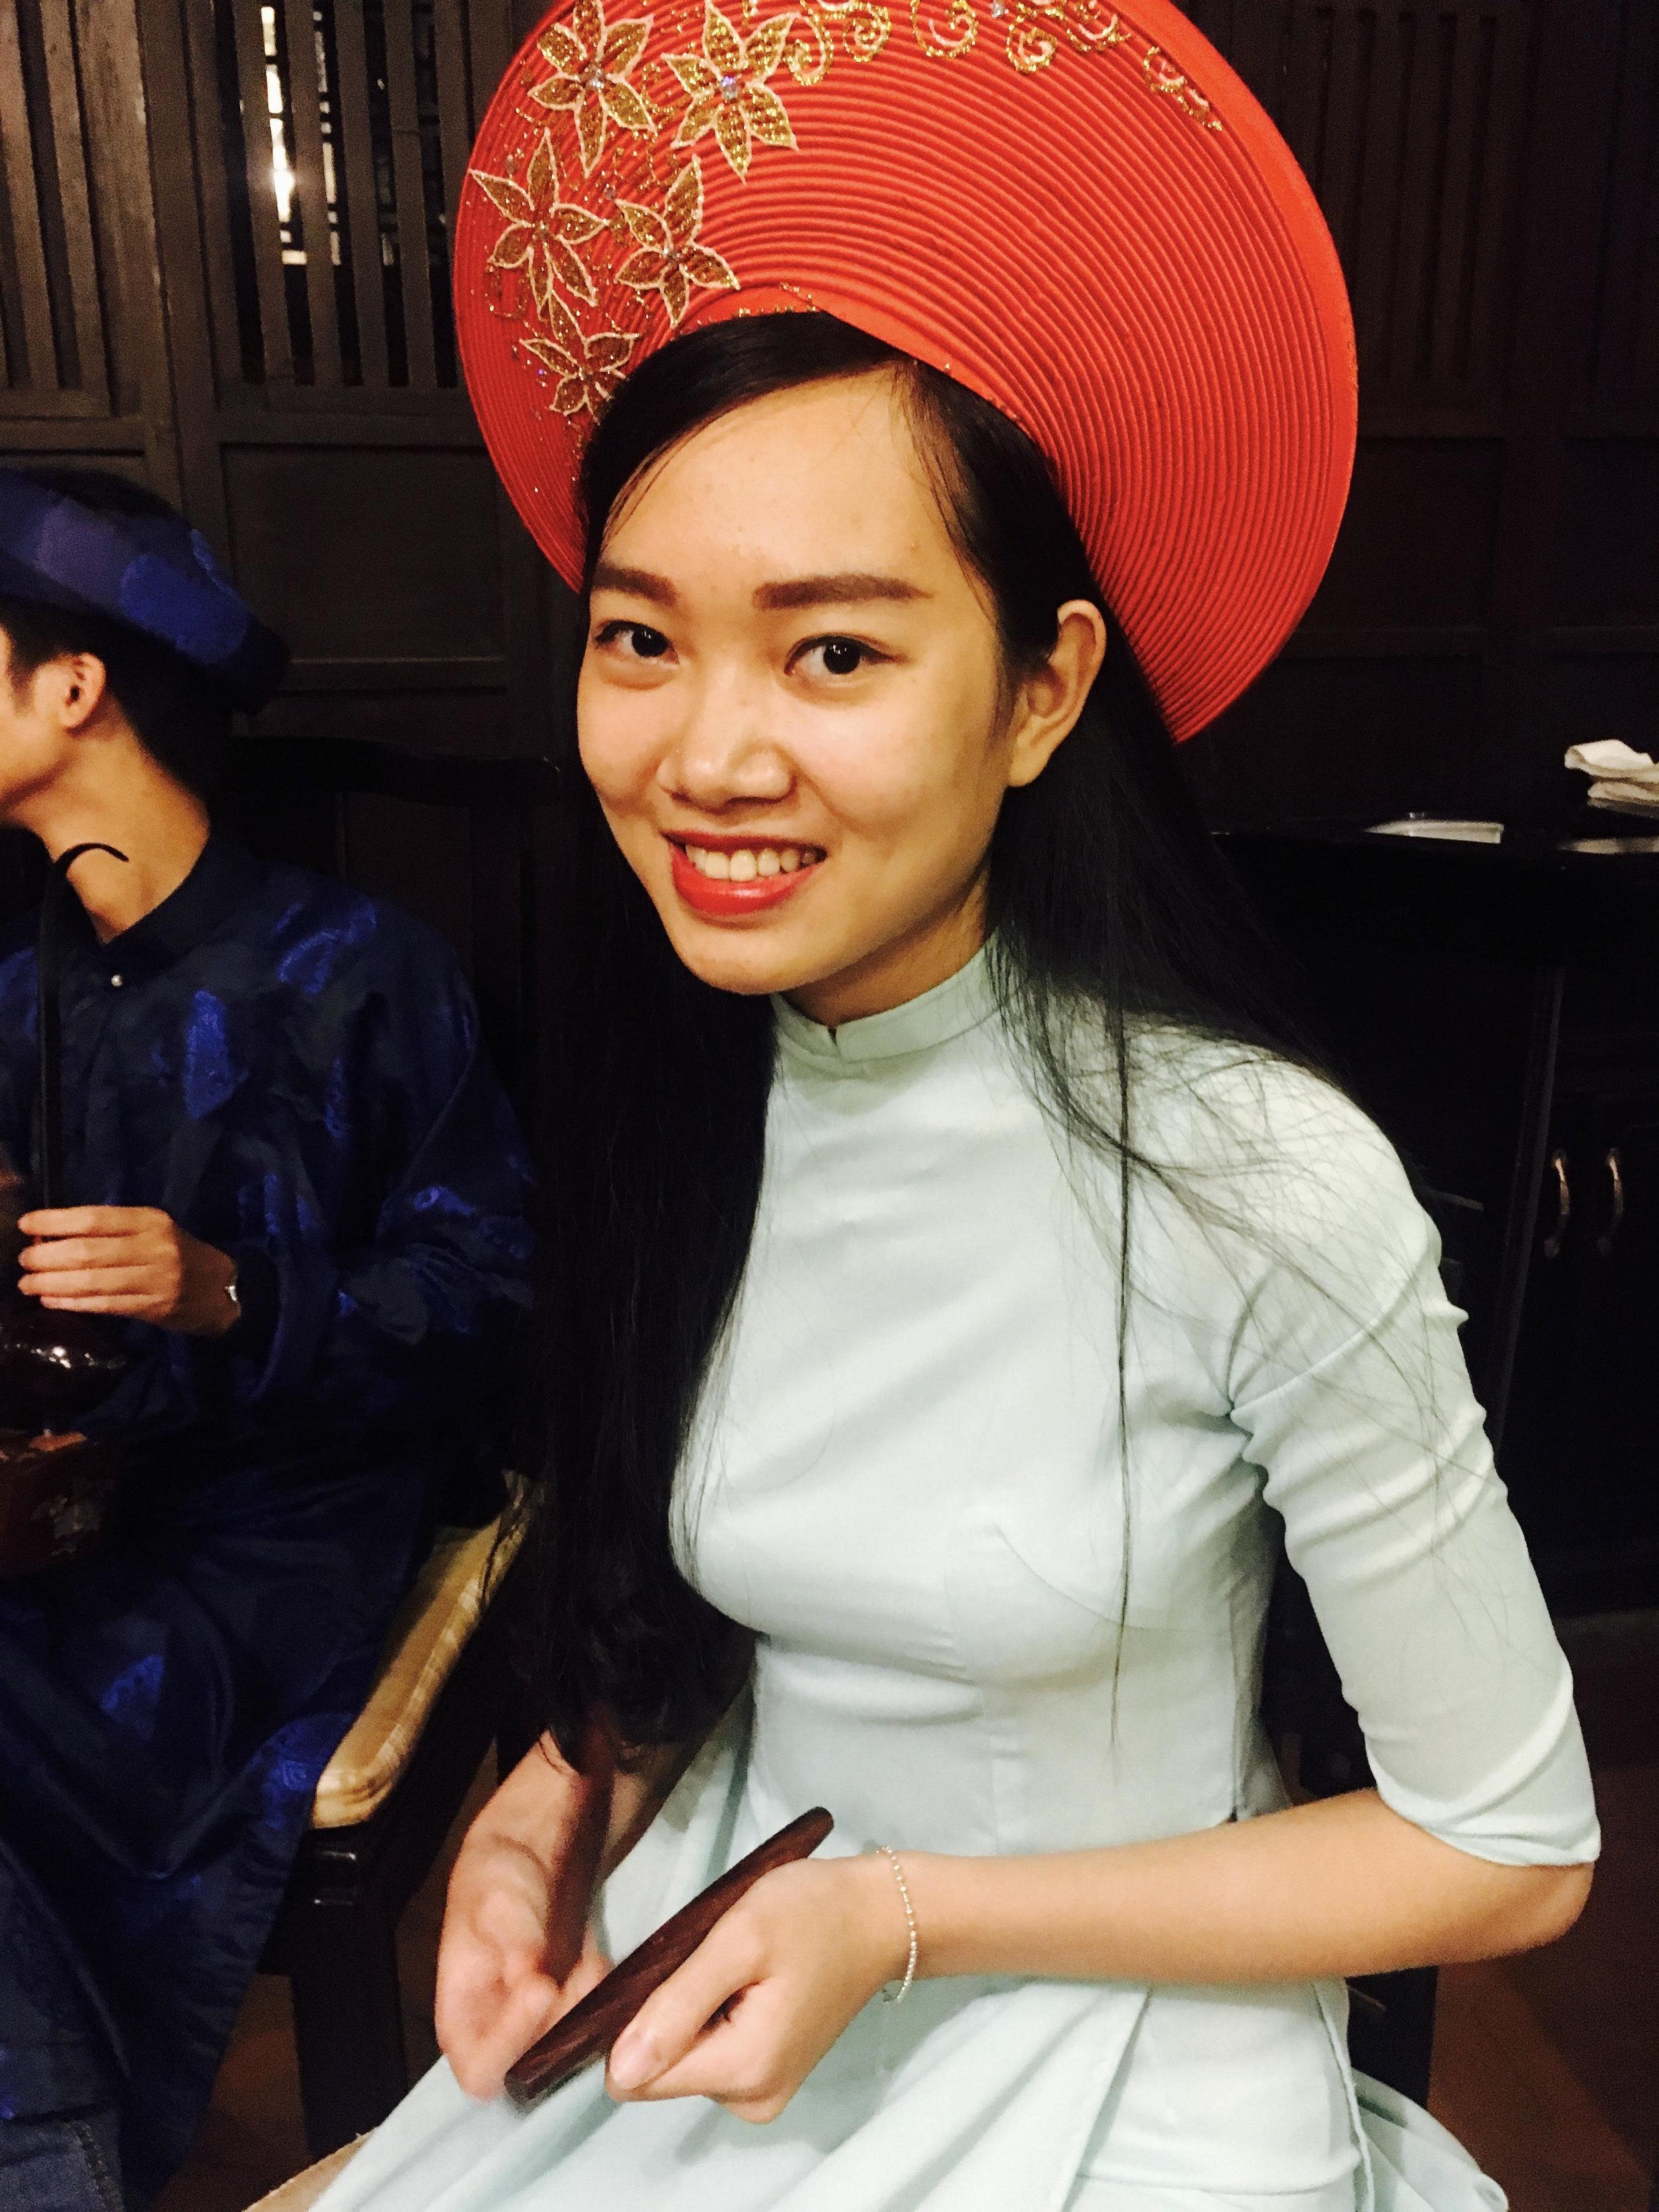 Very beautiful vietnamese girl